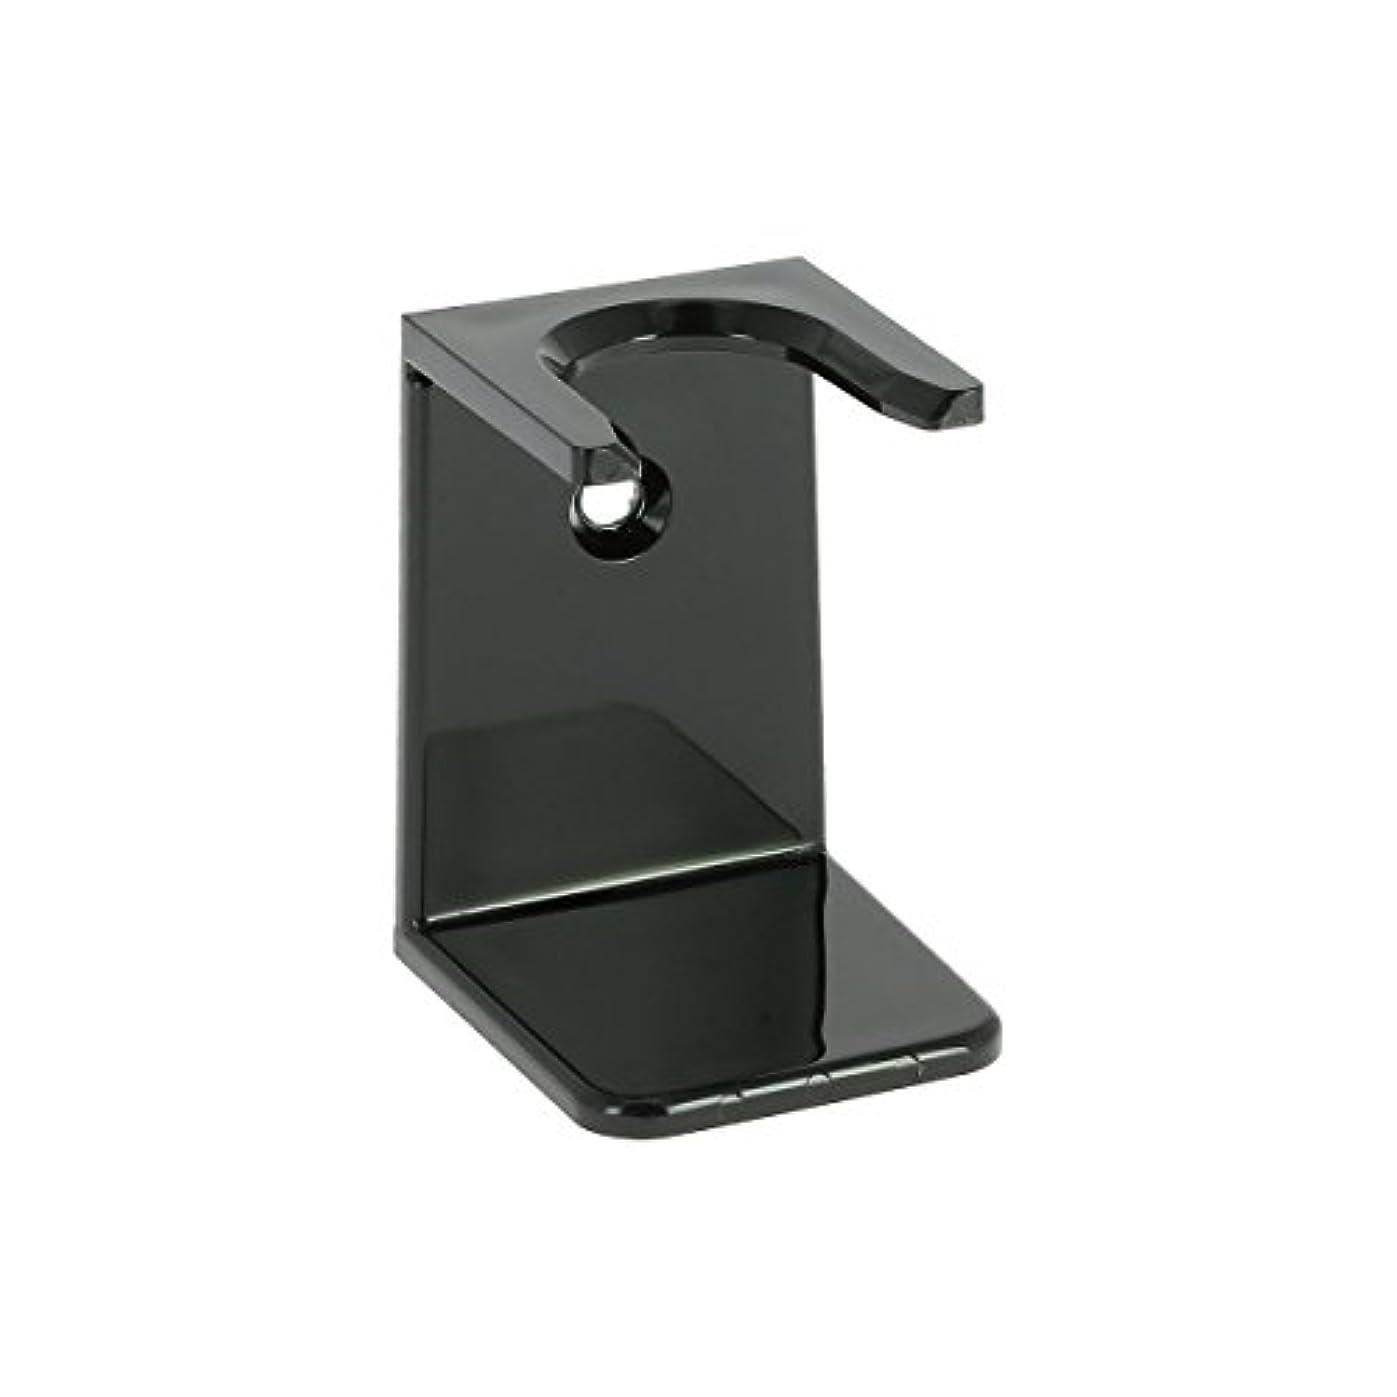 ウールウェブ中世のVulfix ブラック ブラシ ドリップ スタンド[海外直送品] [並行輸入品]